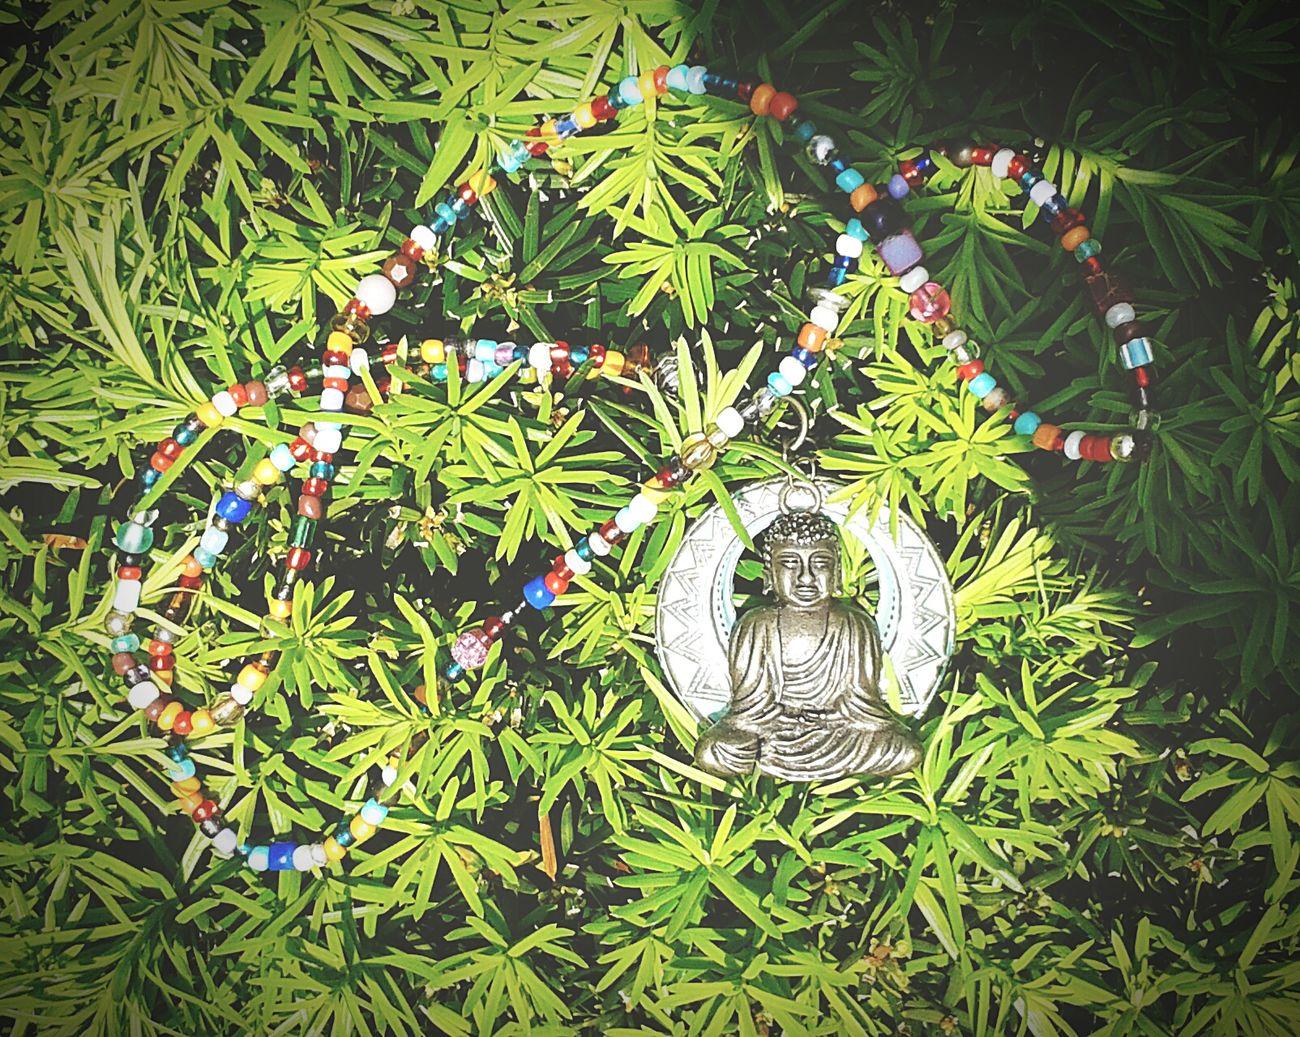 Doghairstudio Handmade Gypsy Girl Gifted Art Gypsylife Buddha